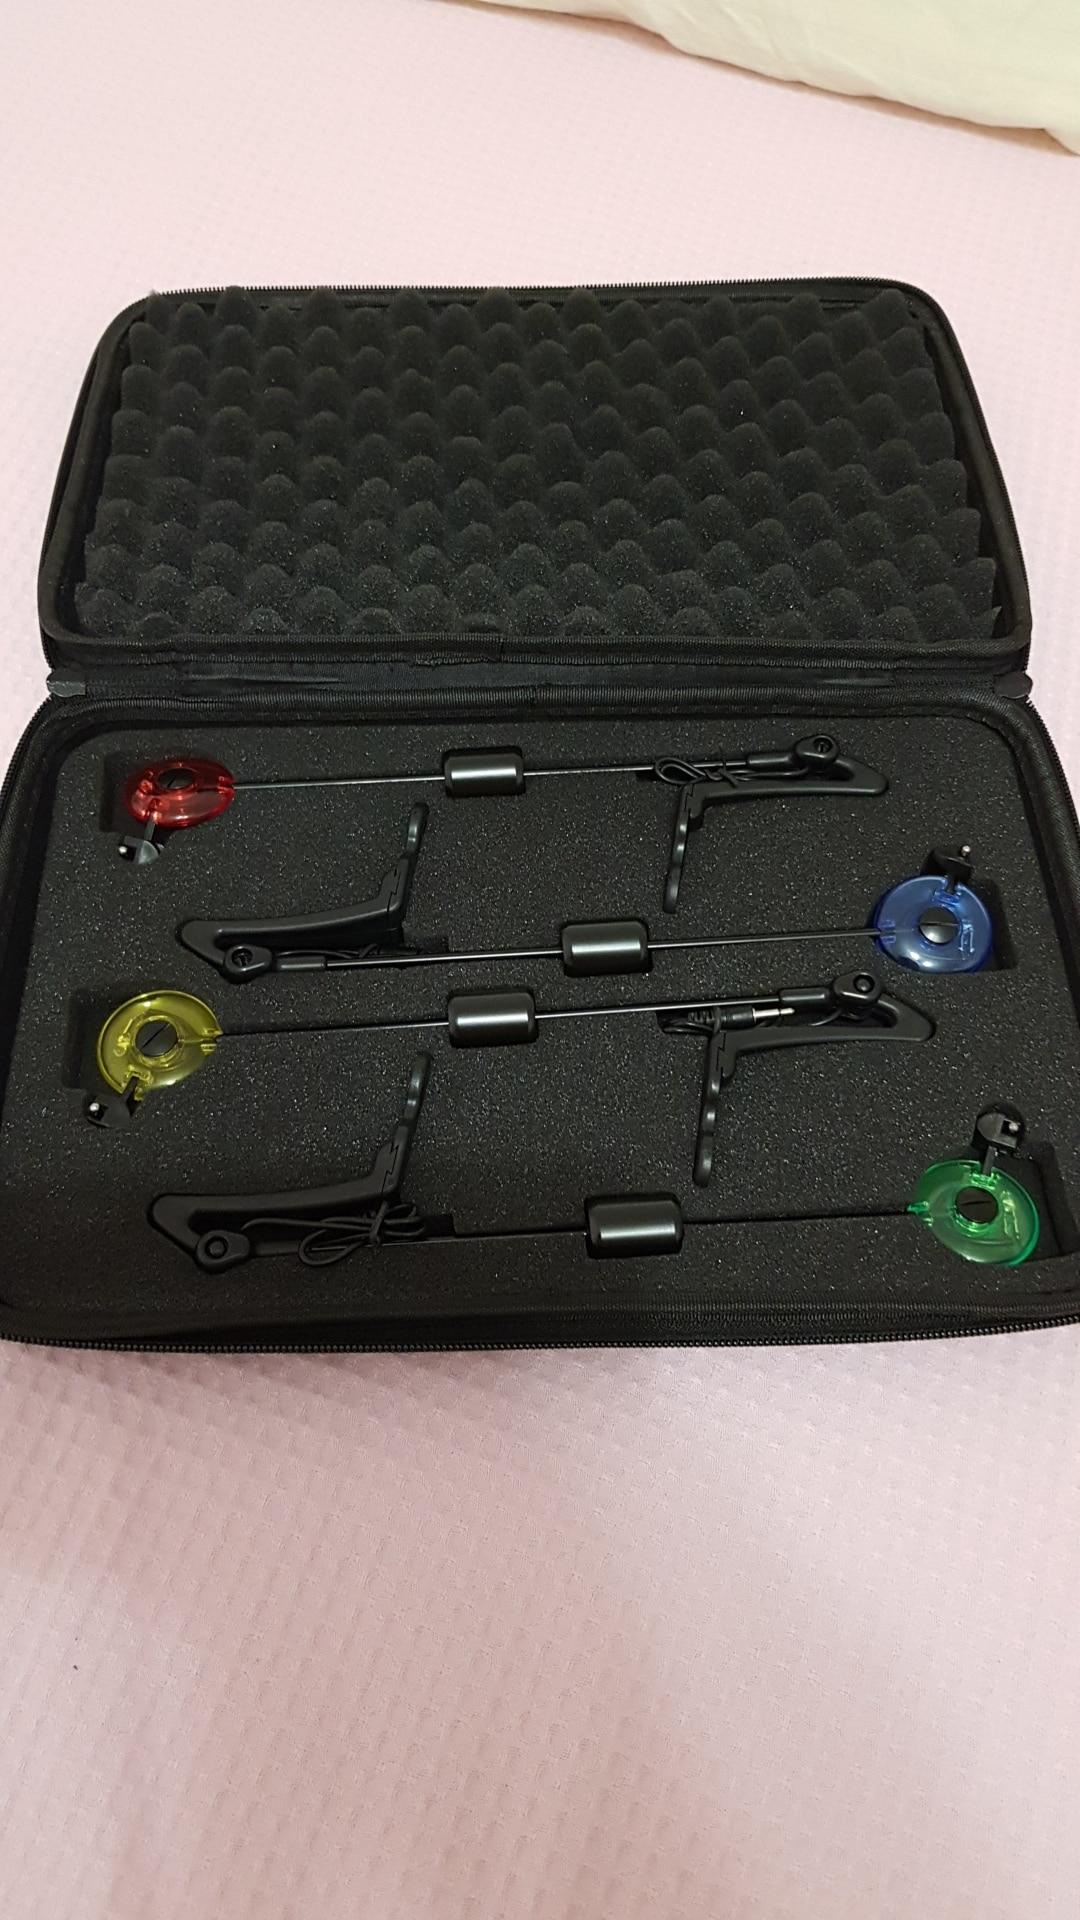 Elibeauty Karpfenangeln Swinger Set LED Drop Off Indikator f/ür Karpfenangeln 4 St/ück in Rei/ßverschlusstasche